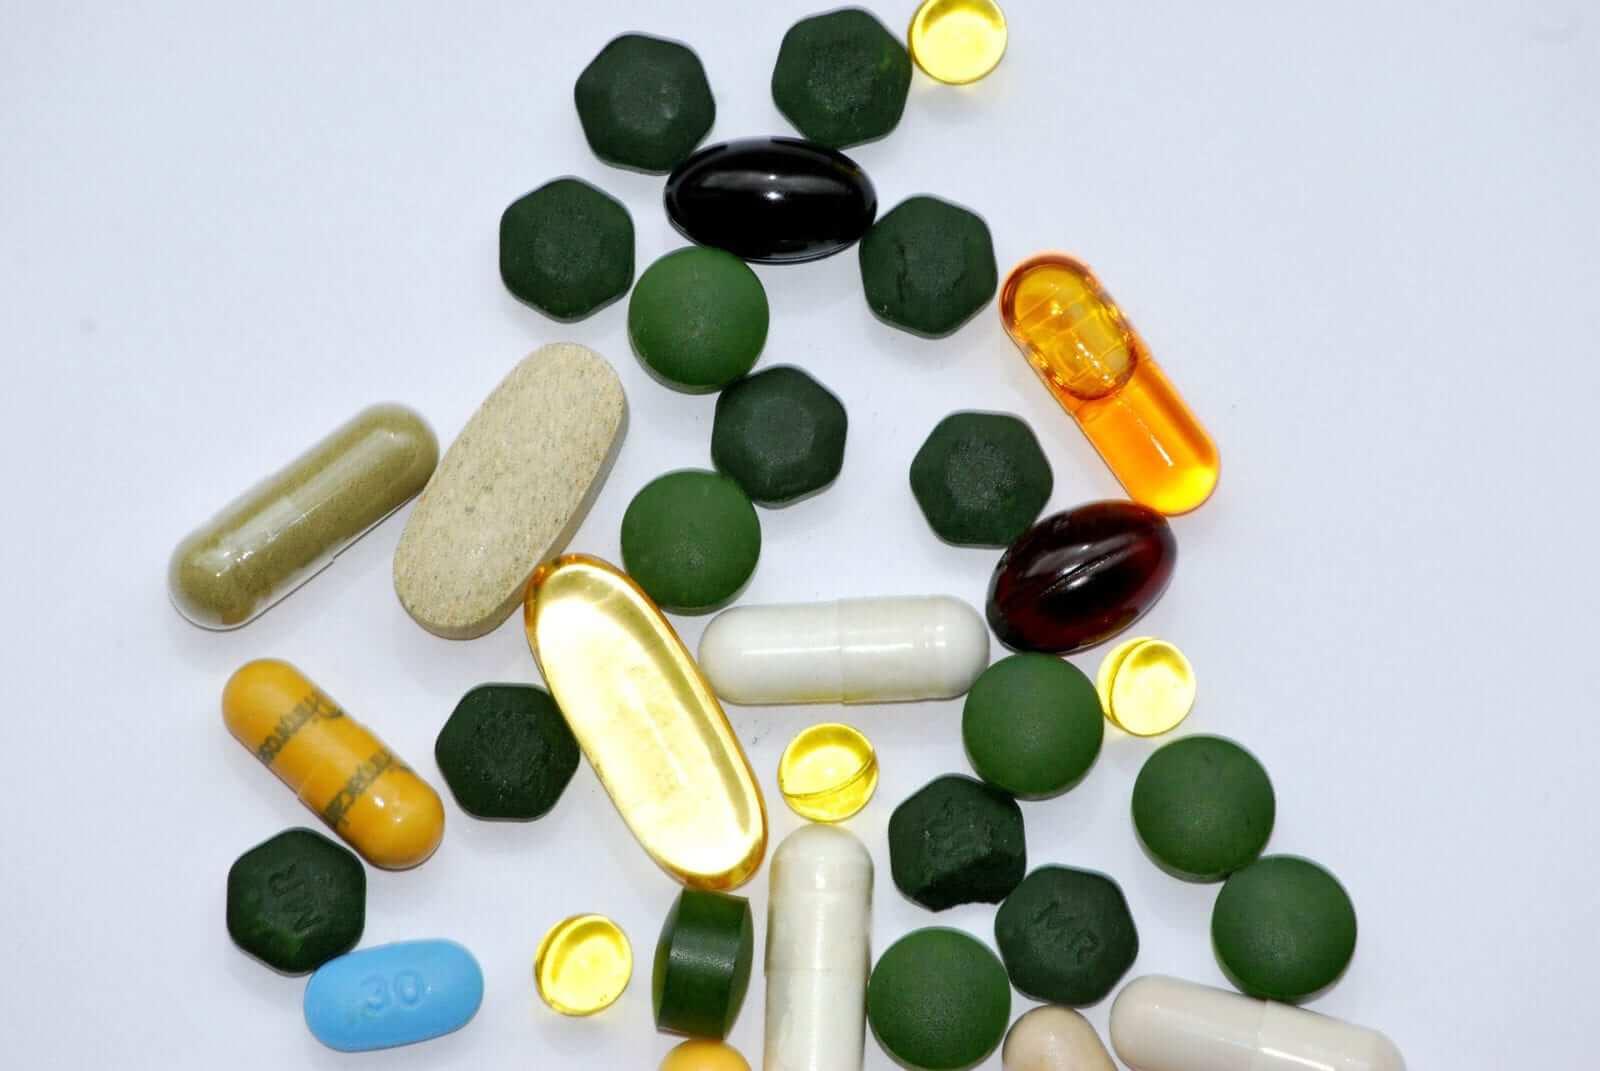 Wie sollte man Detox-Kapseln zu sich nehmen?